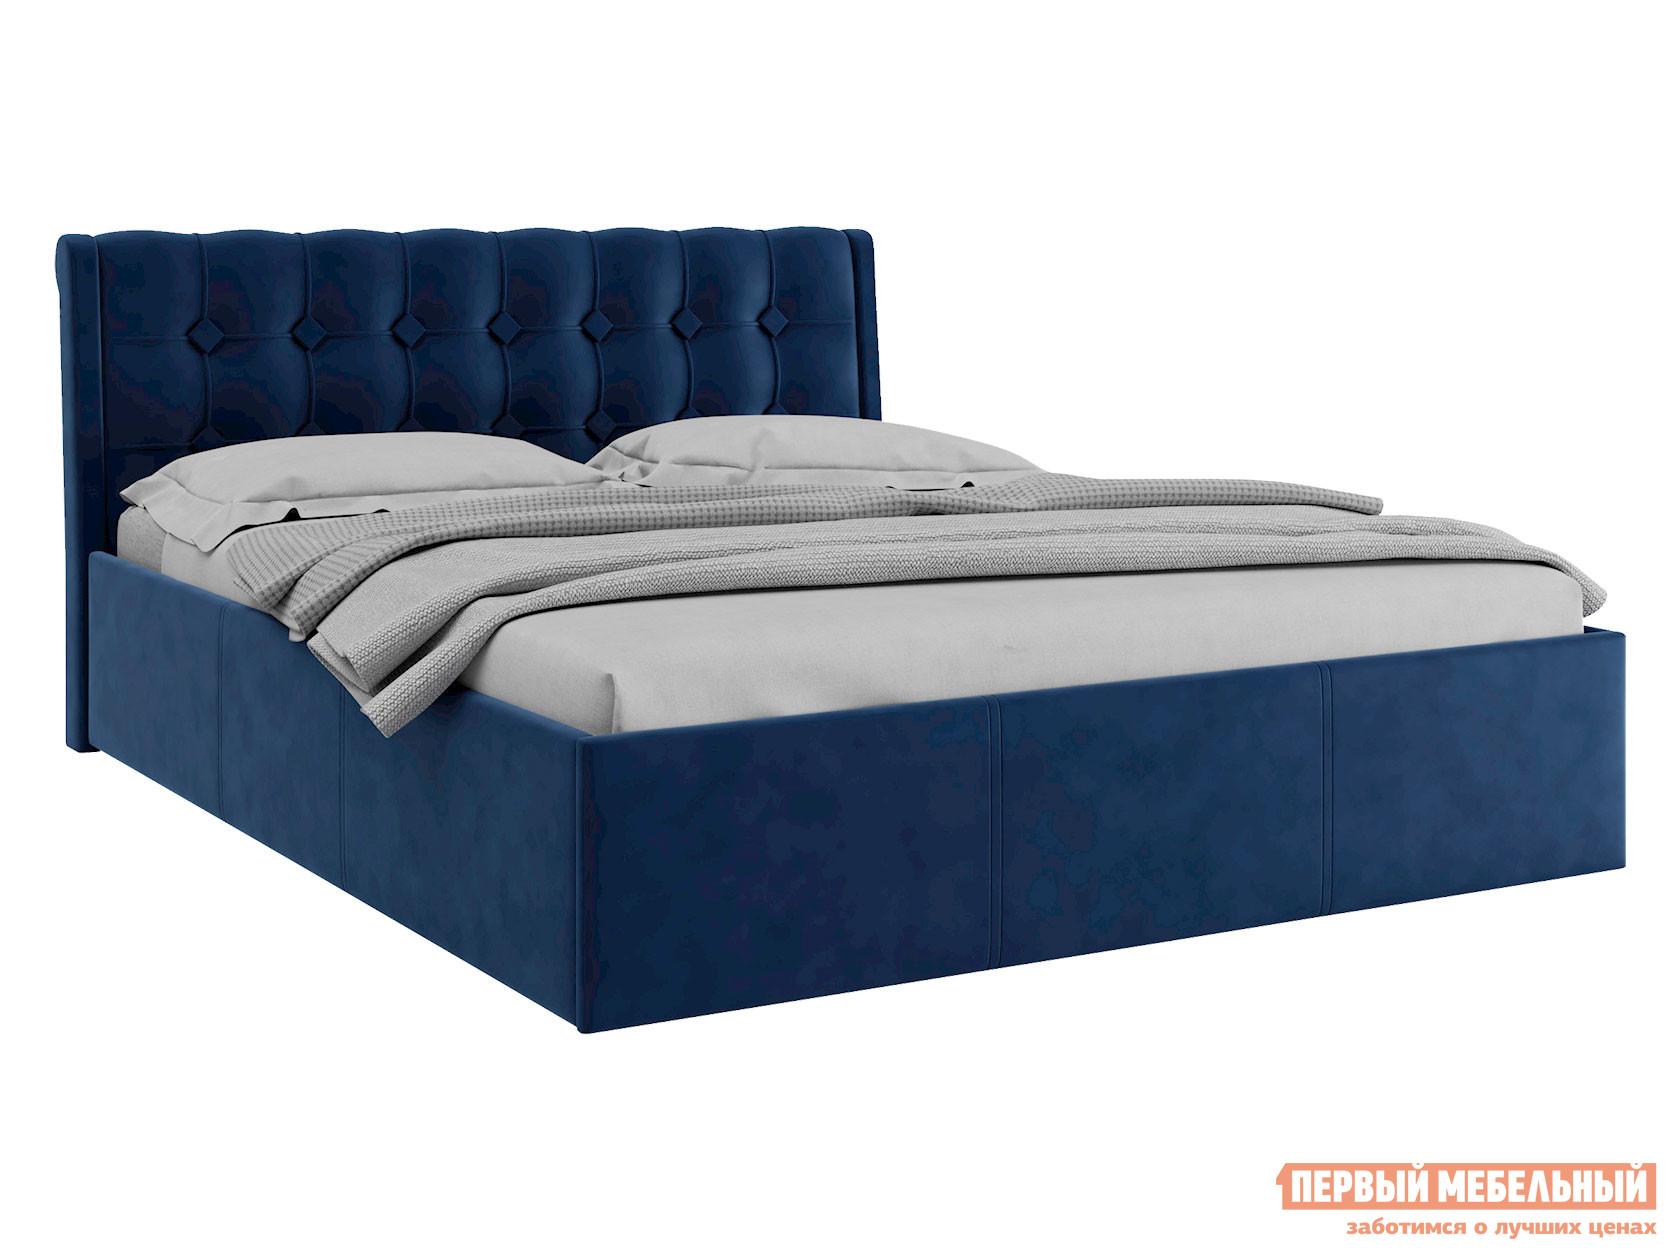 Кровать с подъемным механизмом Первый Мебельный Кровать с подъемным механизмом Эдем